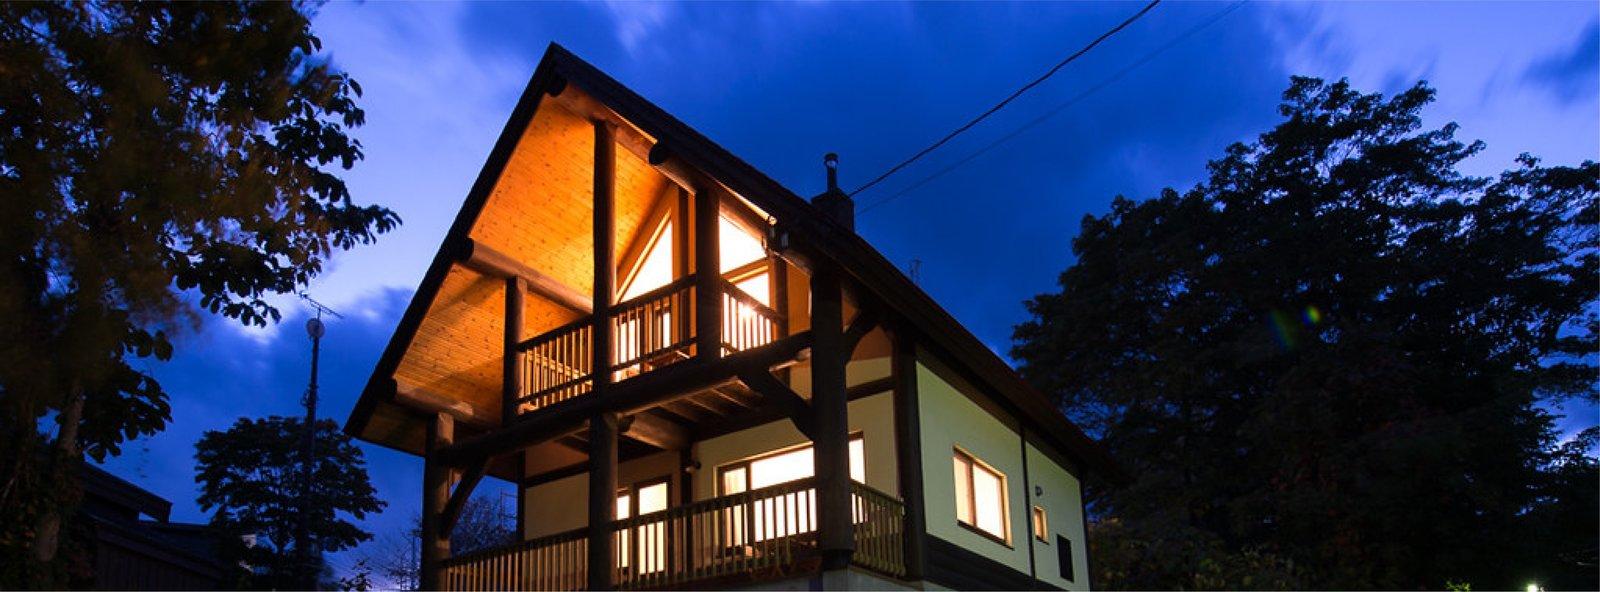 ニセコの貸切一軒家、高峰の夜の外観